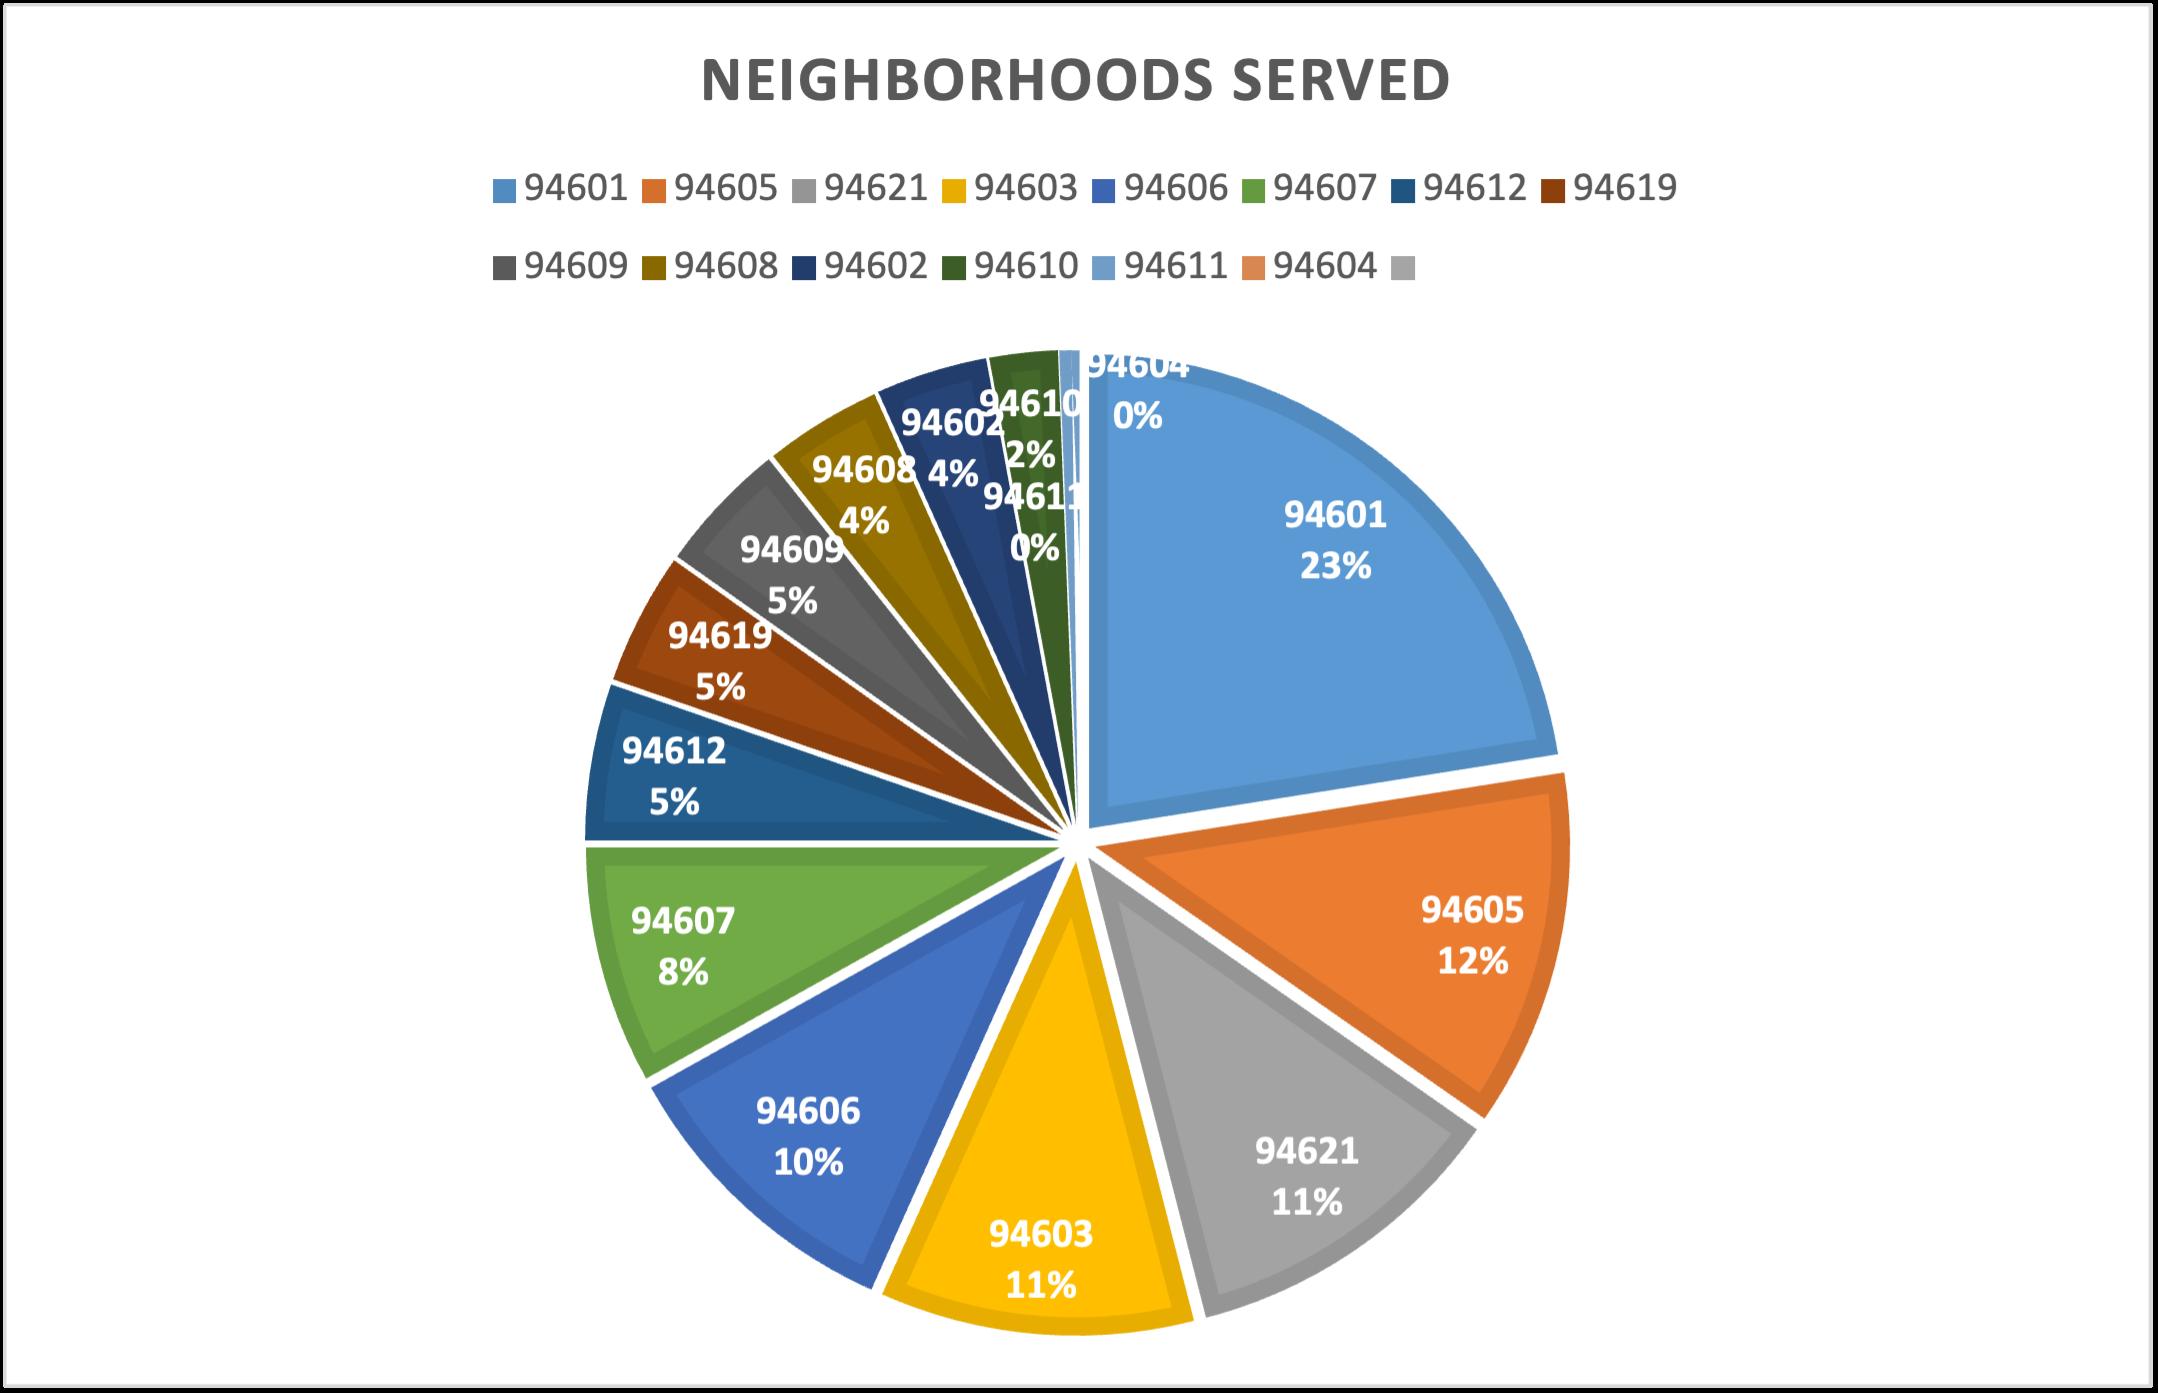 Graph of Neighborhoods Served